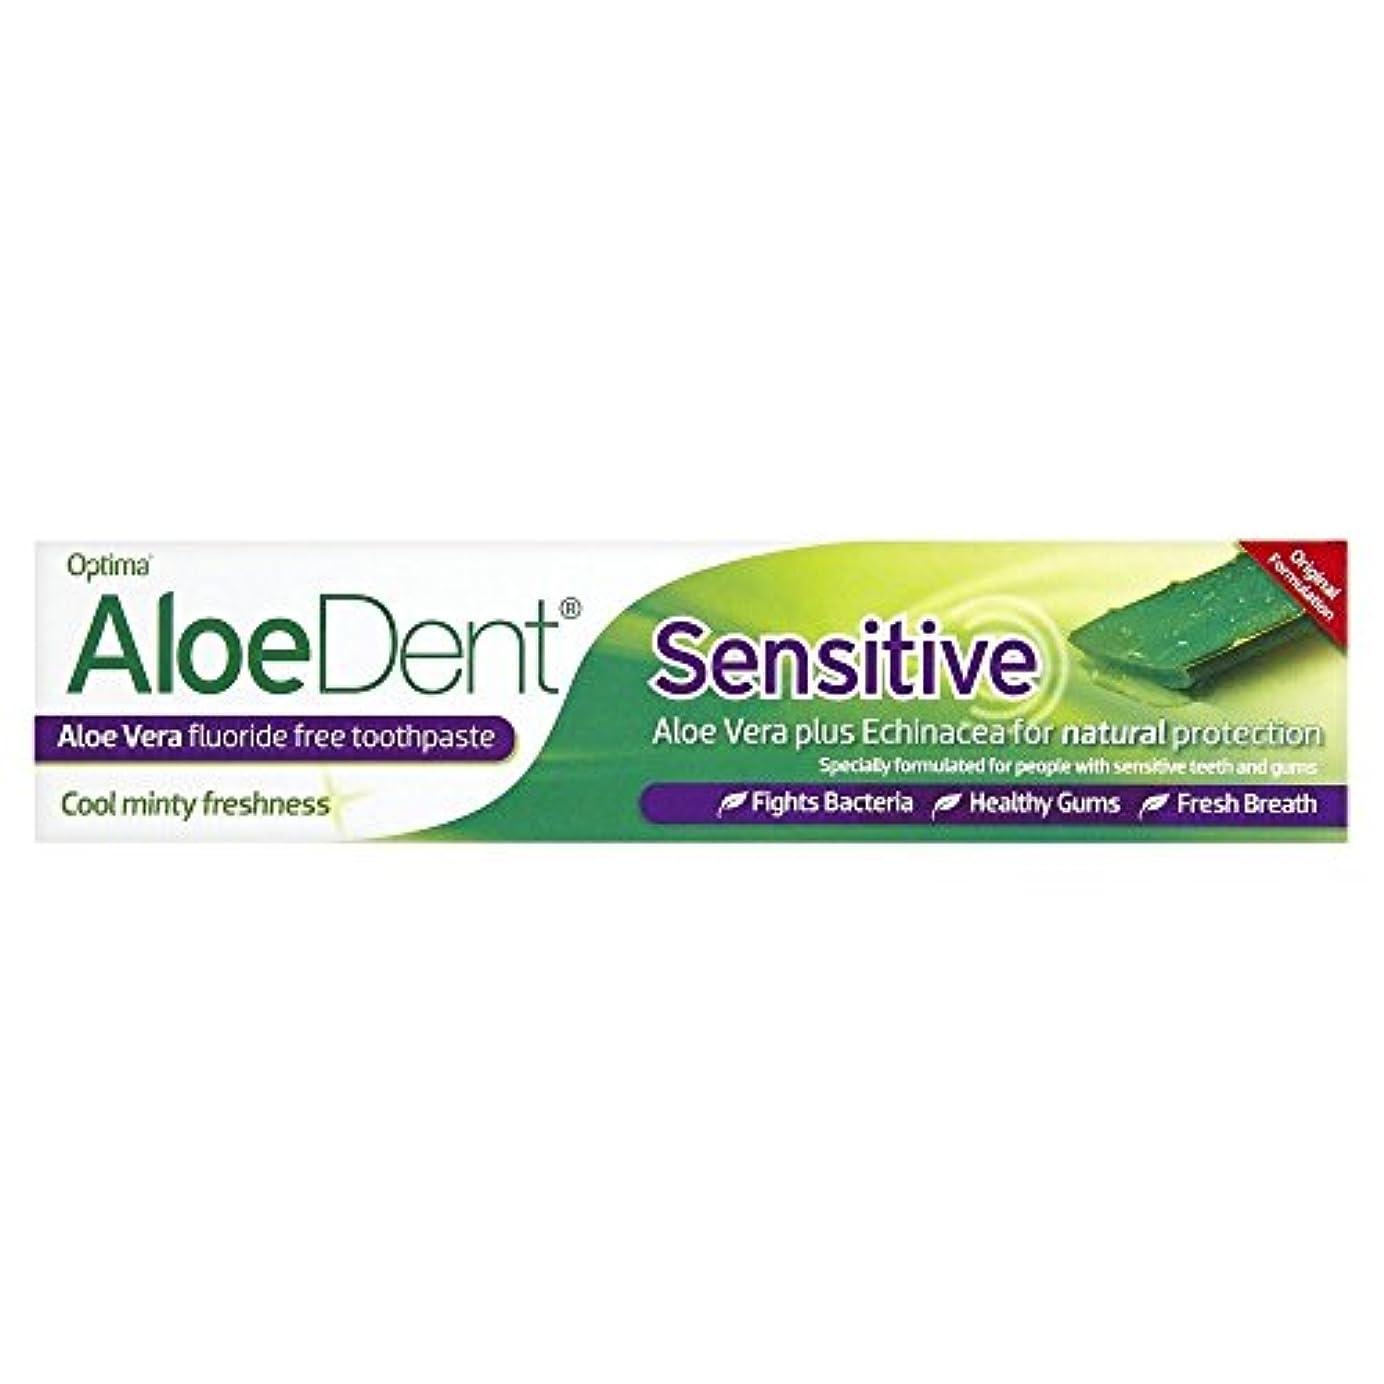 誓い南東悩みAloeDent 100 ml Sensitive Aloe Vera Fluoride Free Toothpaste by Aloe Dent